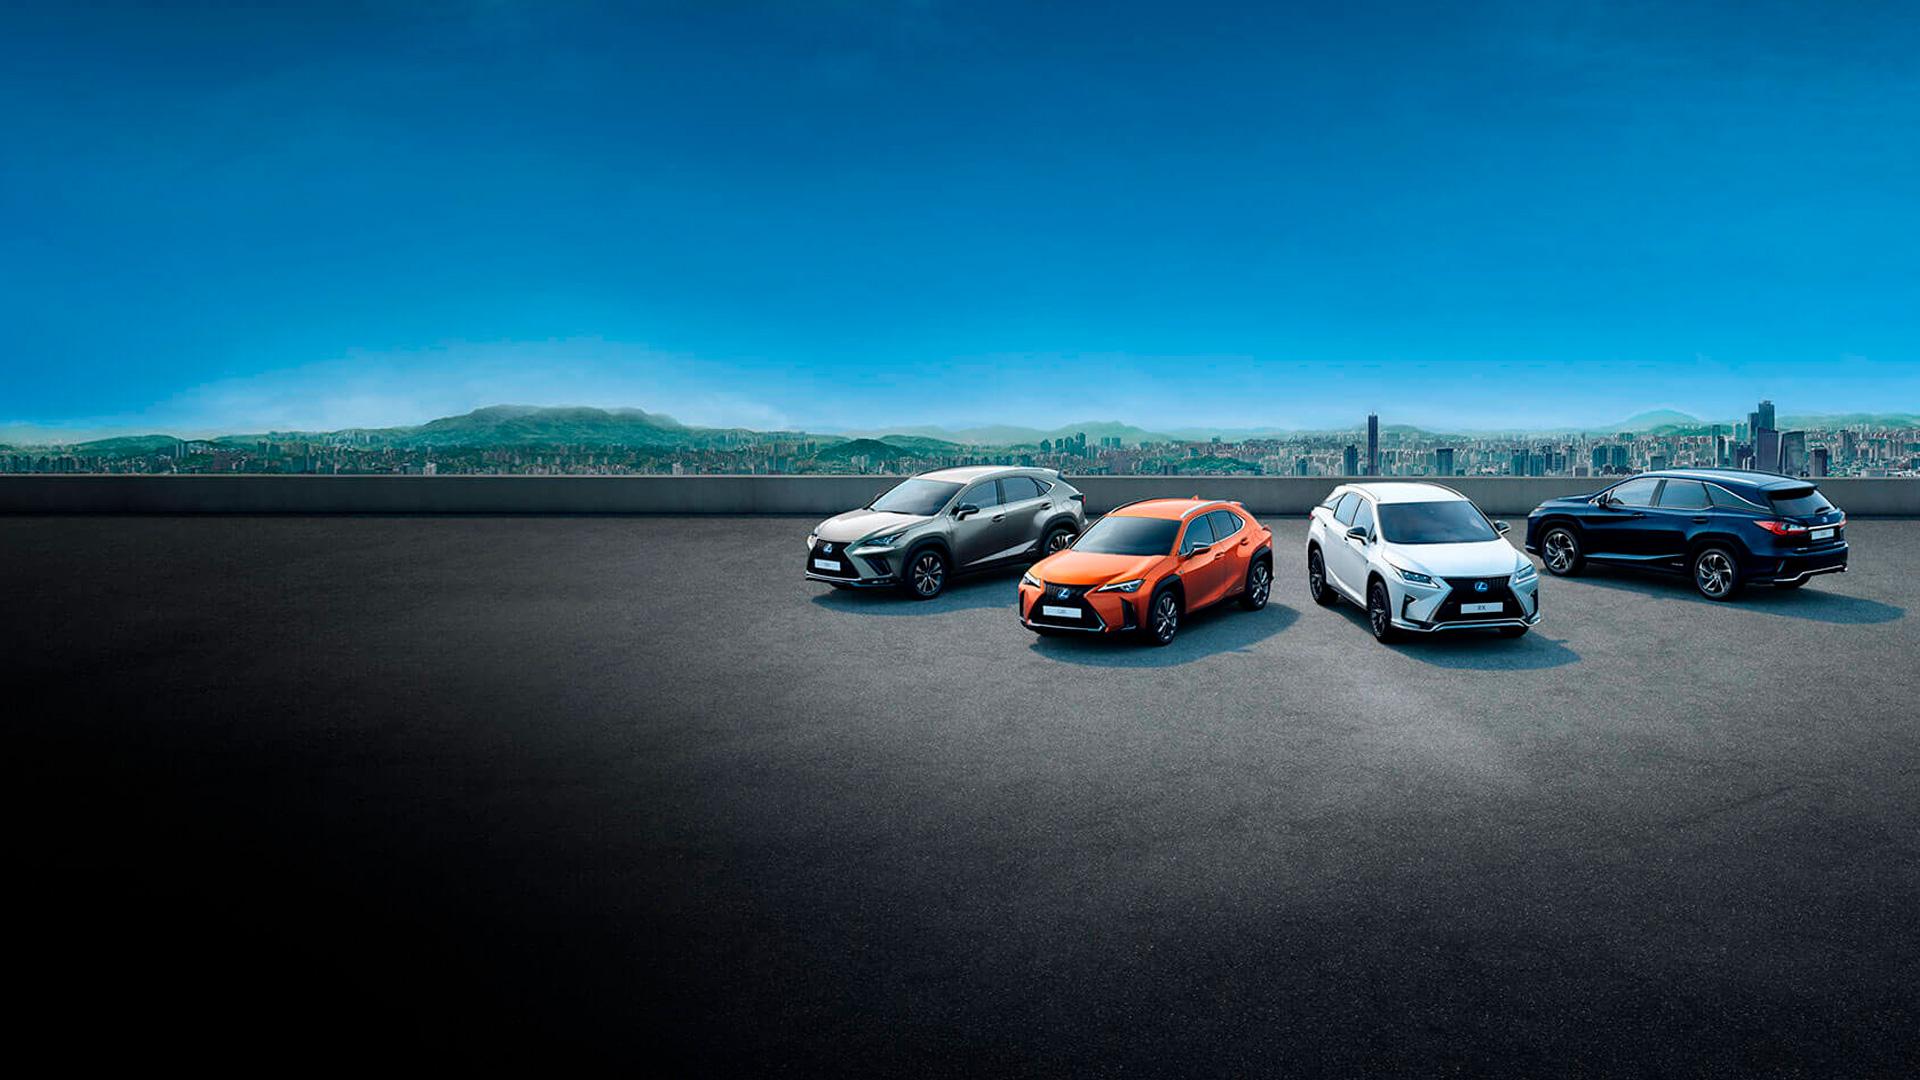 Lexus lancering udskydes 1920x1080 1